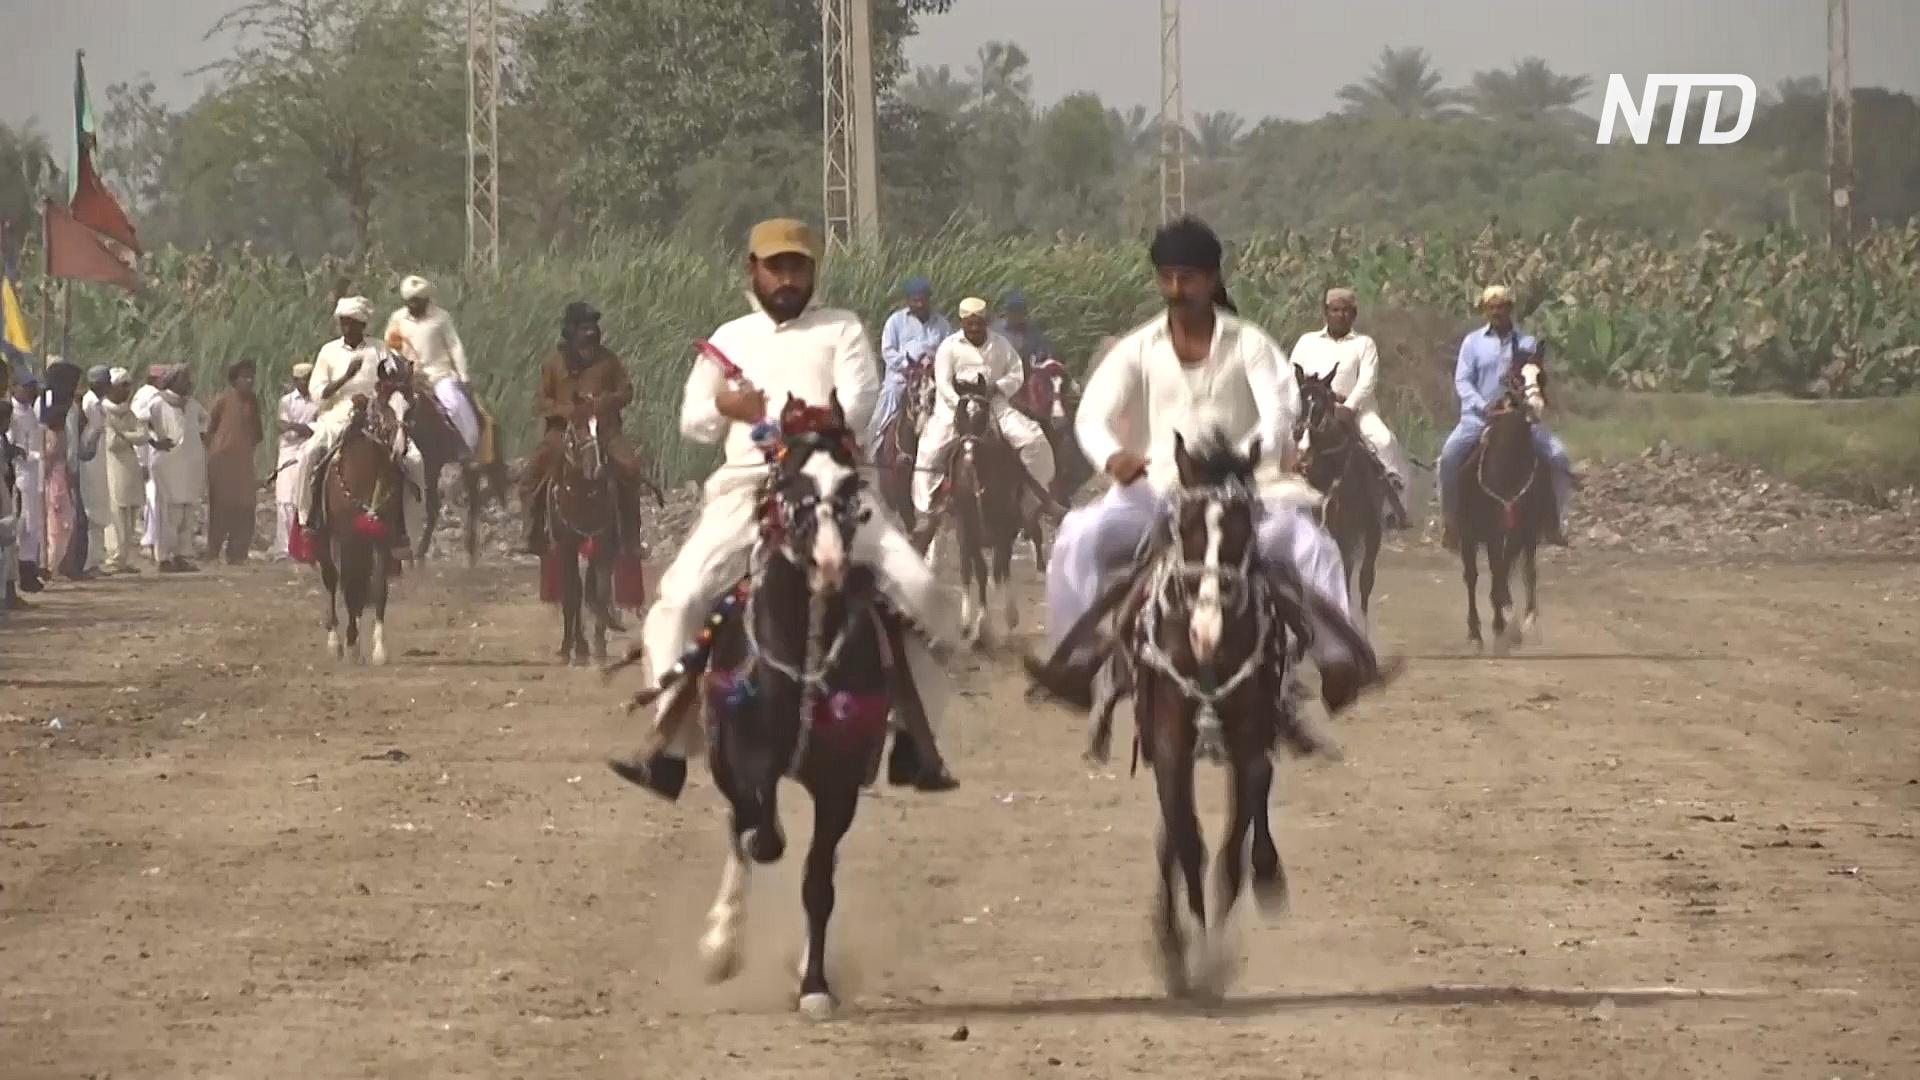 Борьба и скачки: традиционный фестиваль в Пакистане